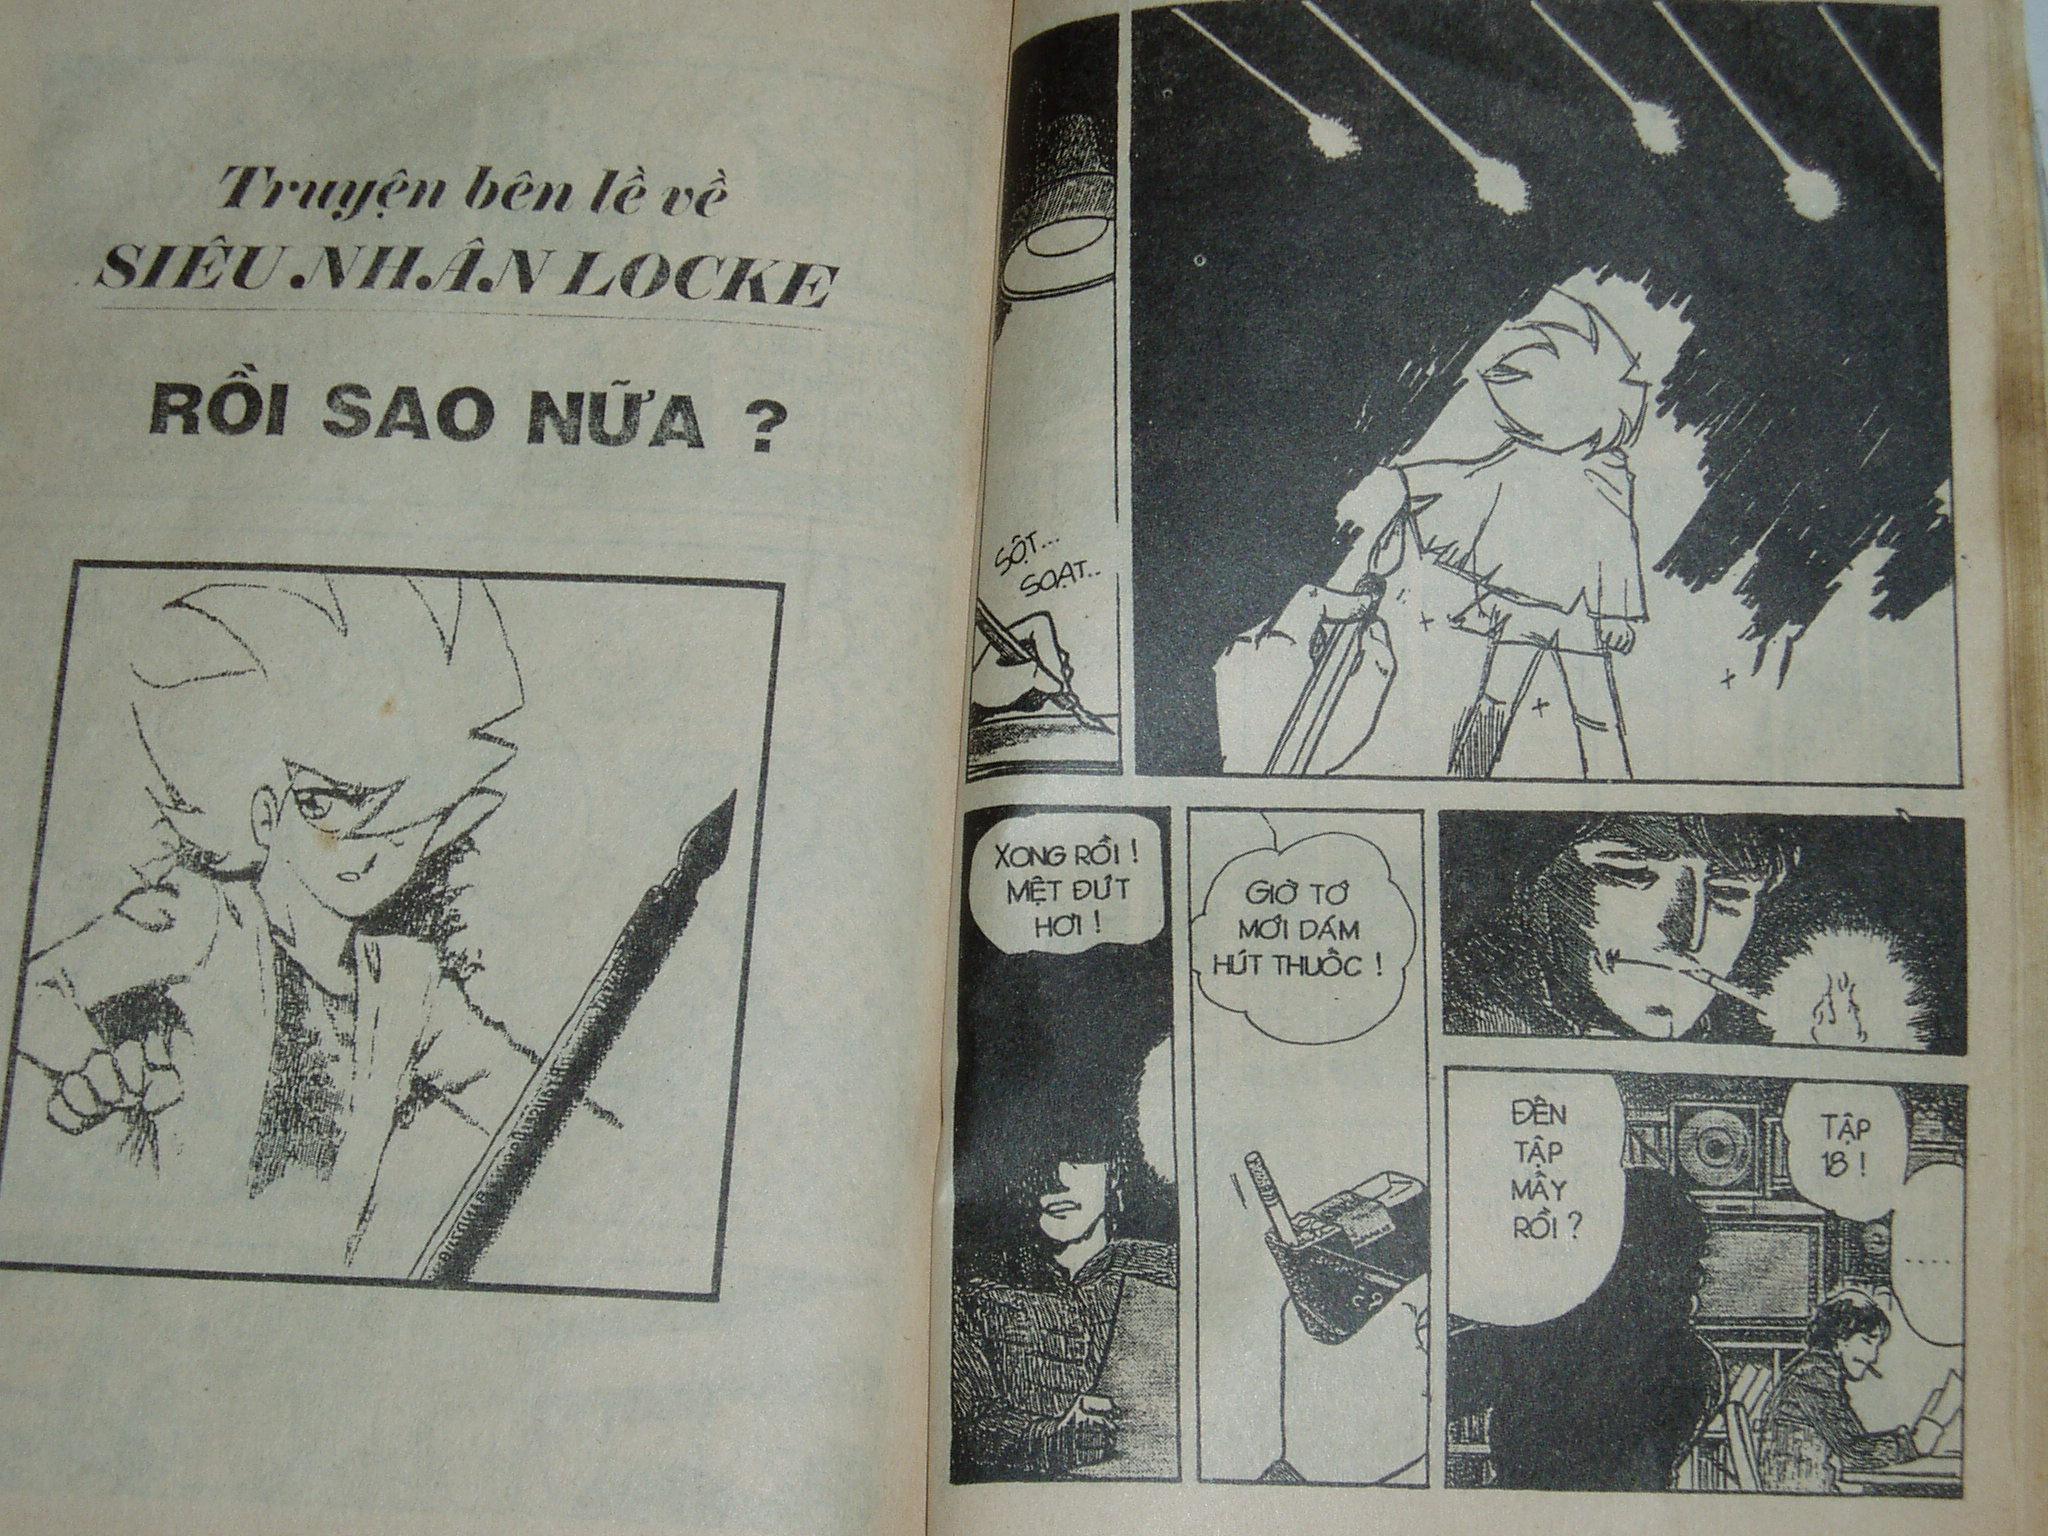 Siêu nhân Locke vol 18 trang 68